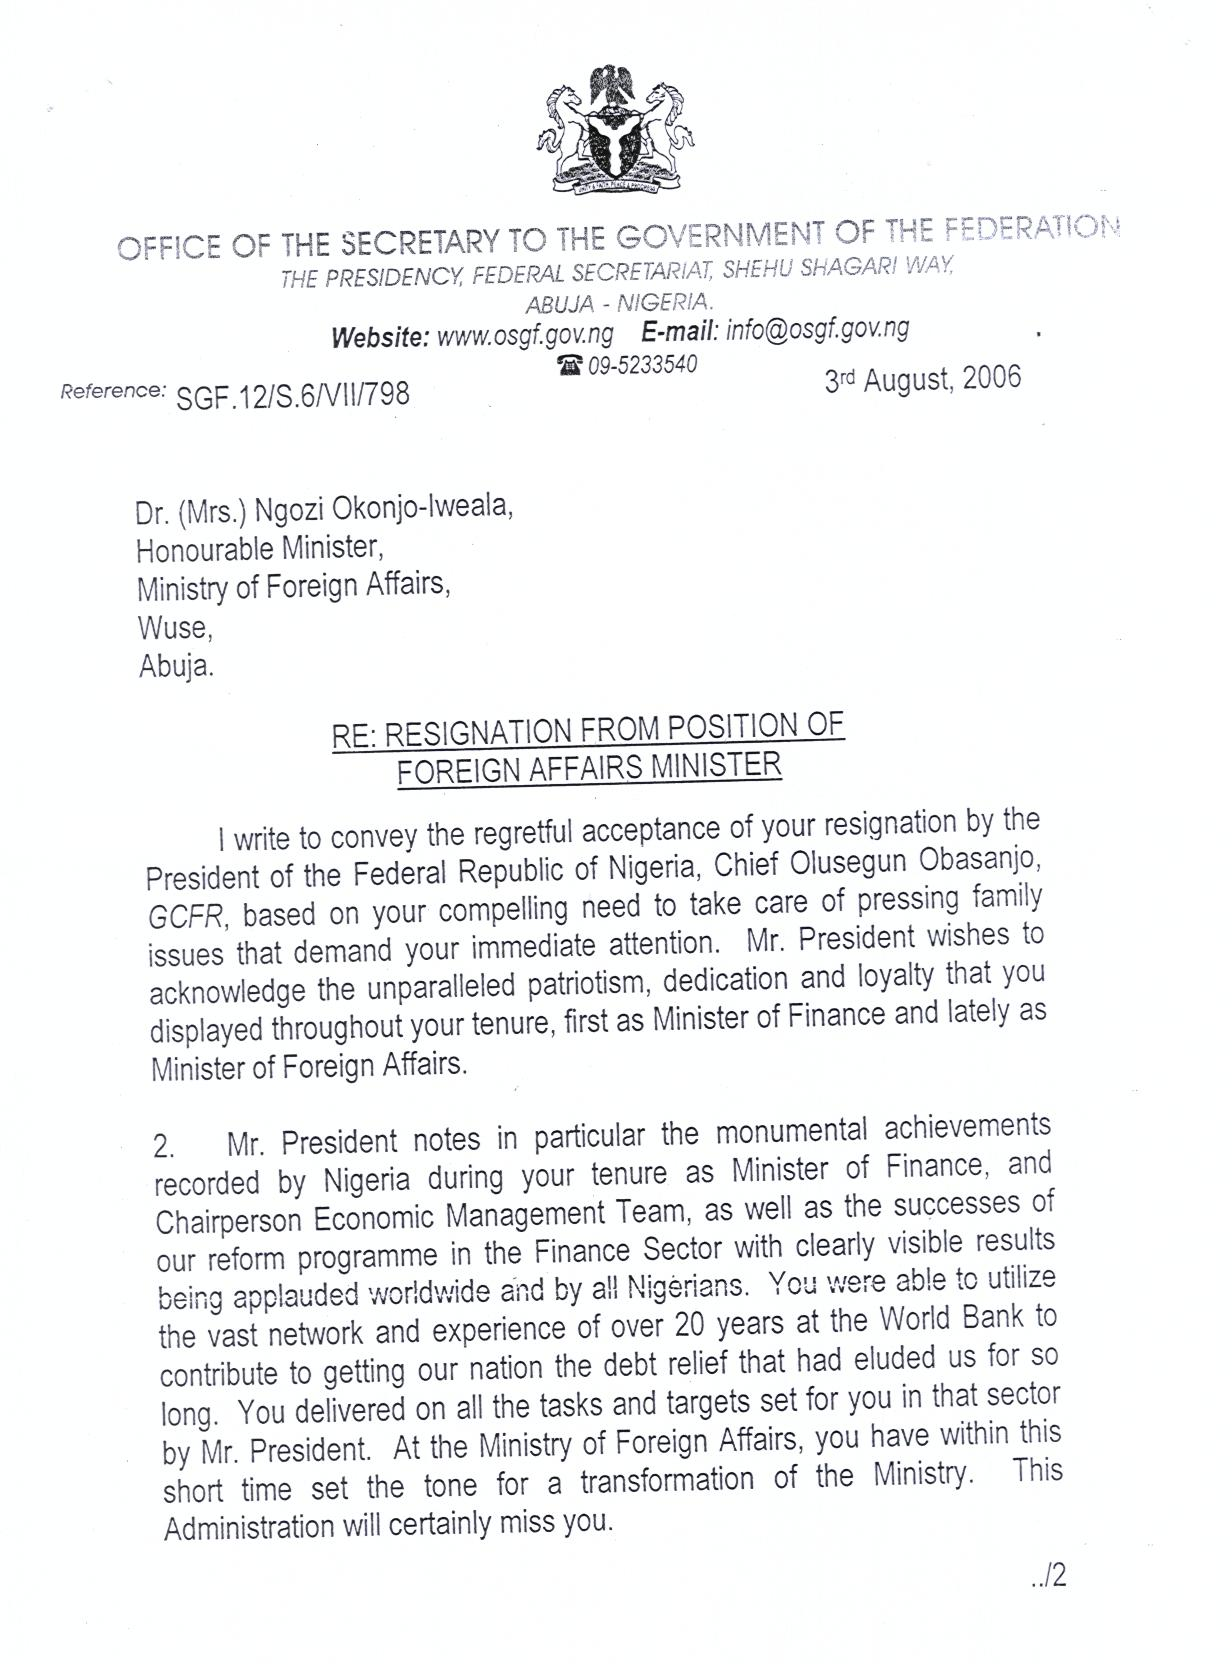 Resignation Letter Response